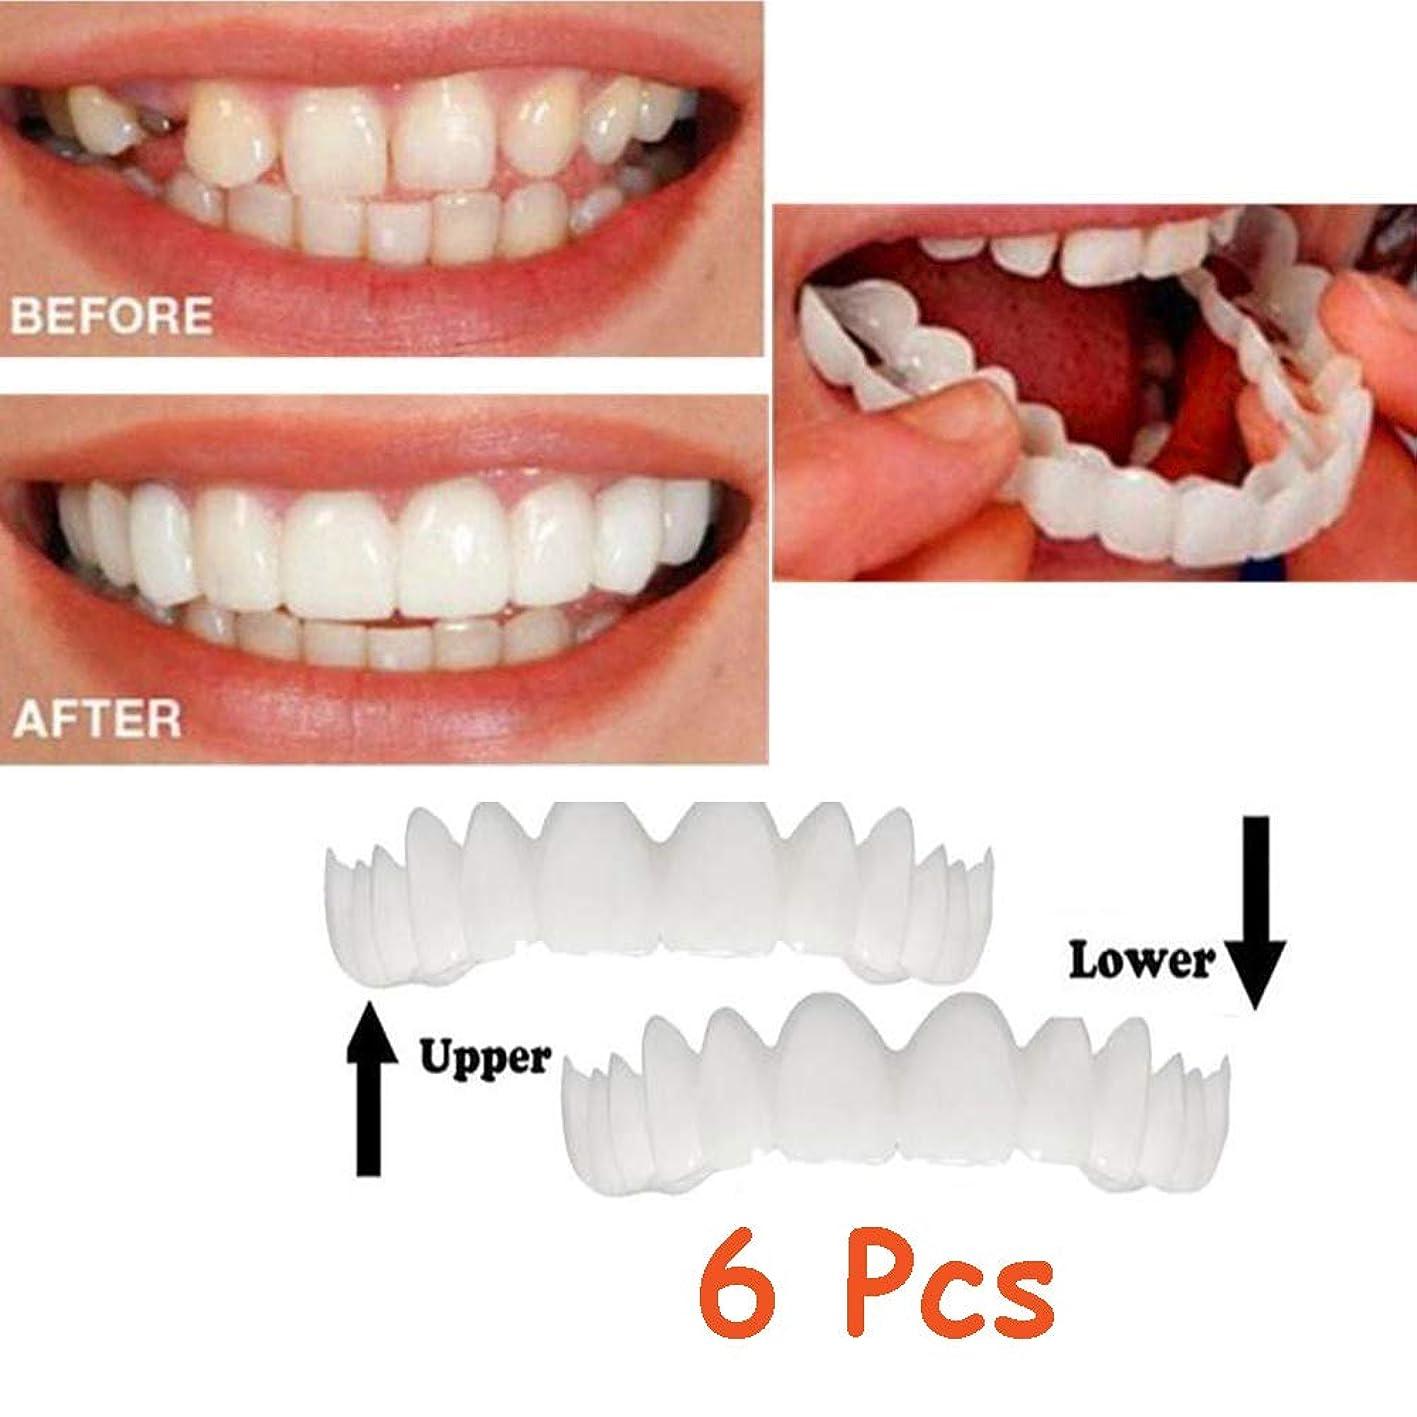 ジェーンオースティンライオネルグリーンストリート男性6本のシリコーンのベニヤ歯の義歯インスタントスマイルコンフォートフィットフレックス化粧品補正義歯入れ歯悪い歯黒い歯ホワイトニング(下+上)